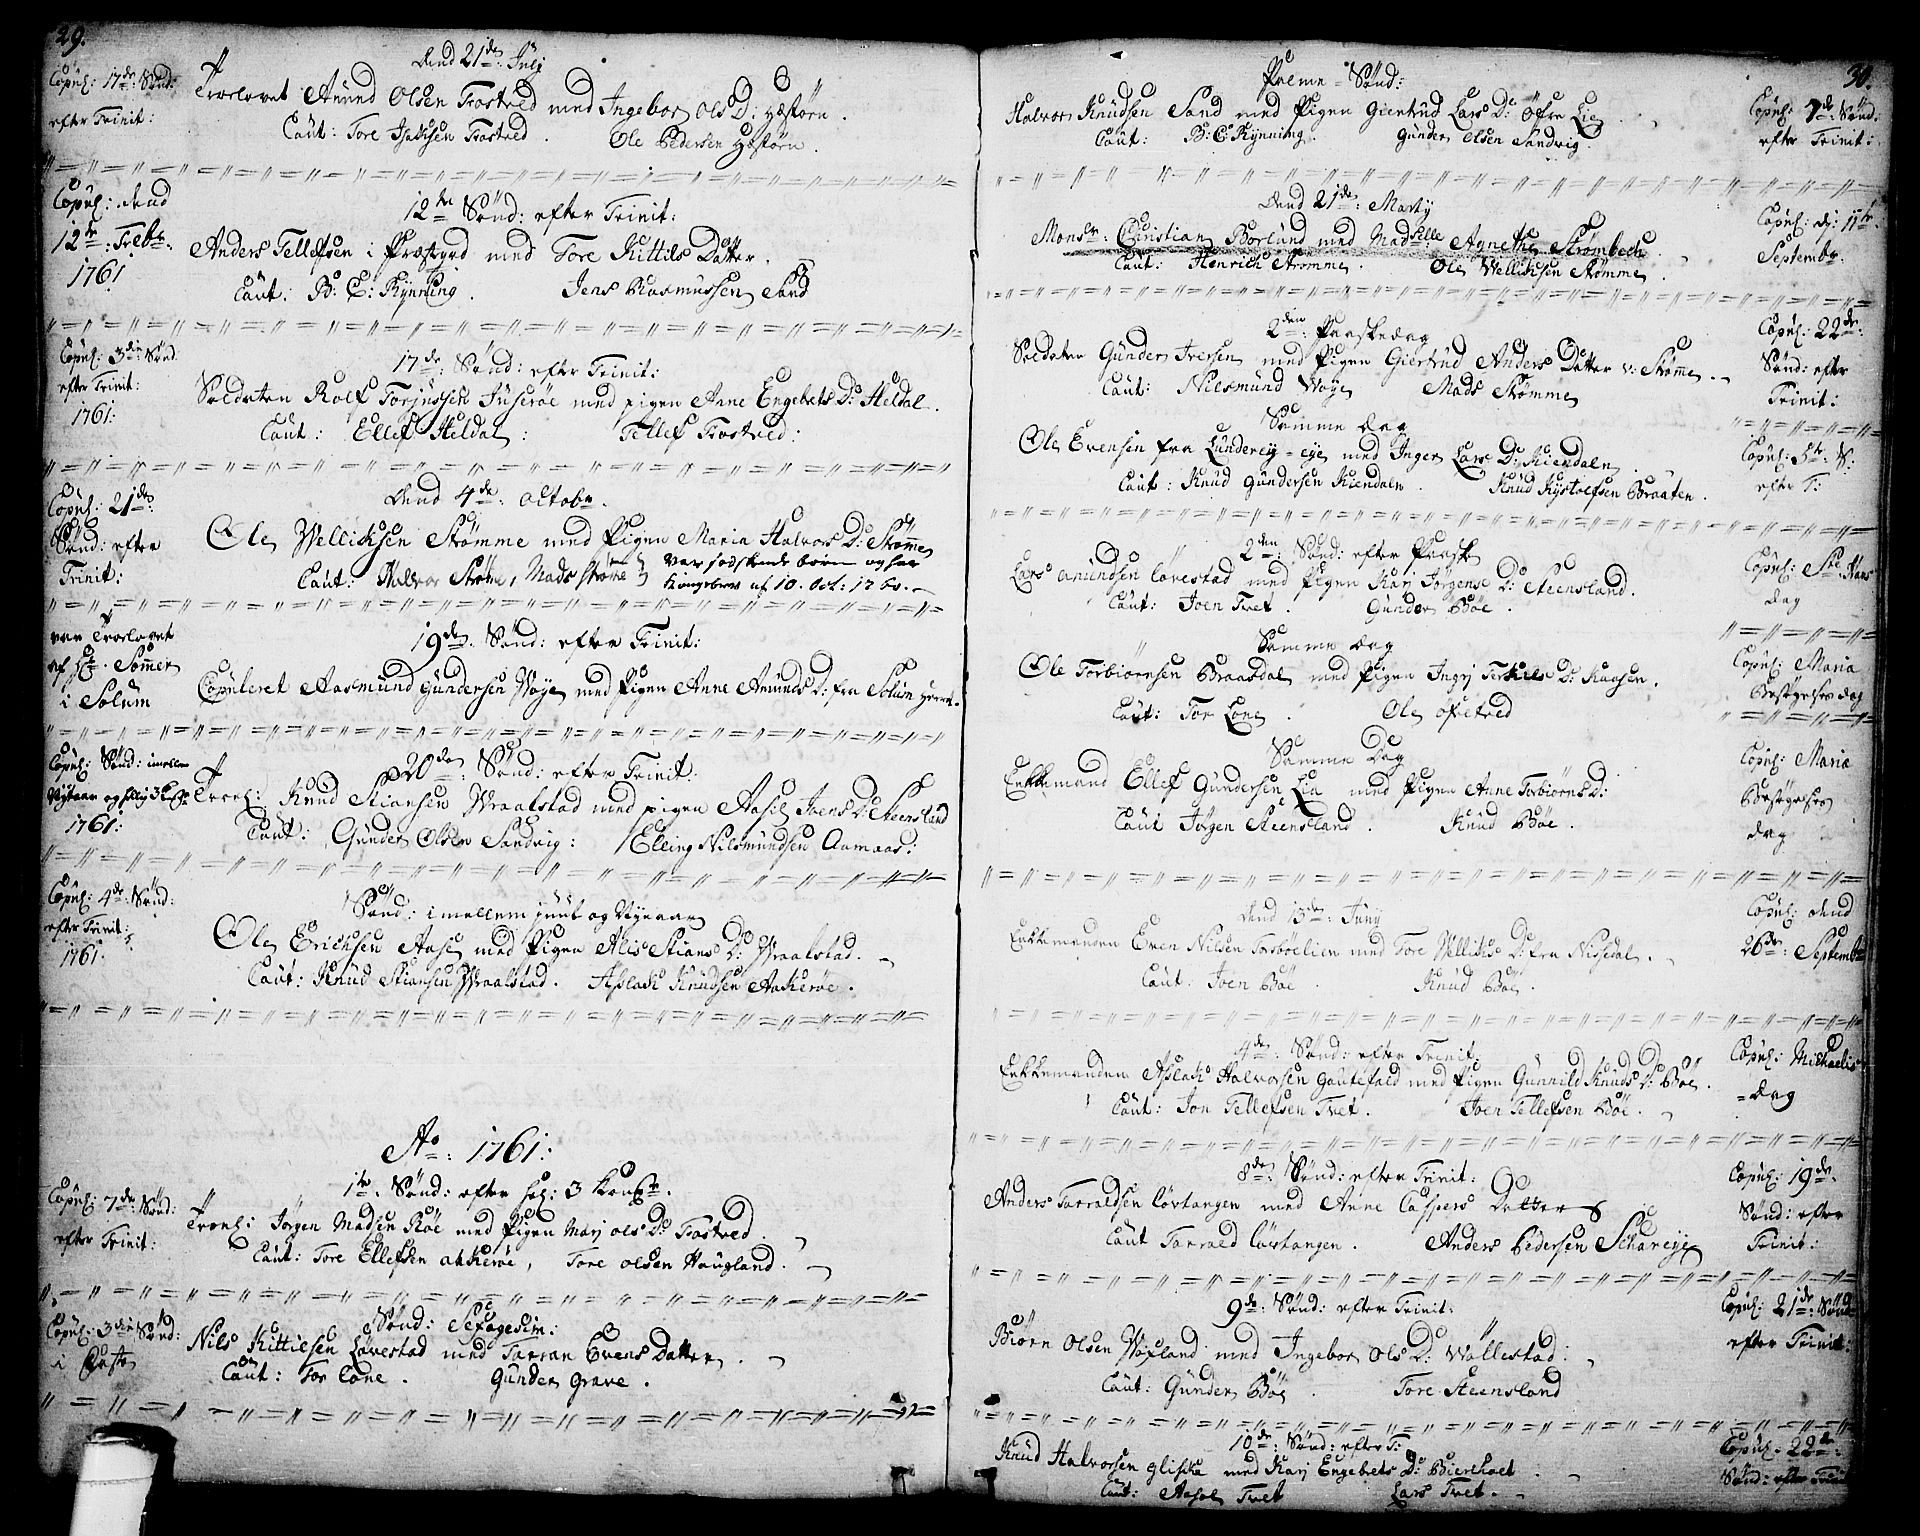 SAKO, Drangedal kirkebøker, F/Fa/L0001: Parish register (official) no. 1, 1697-1767, p. 29-30